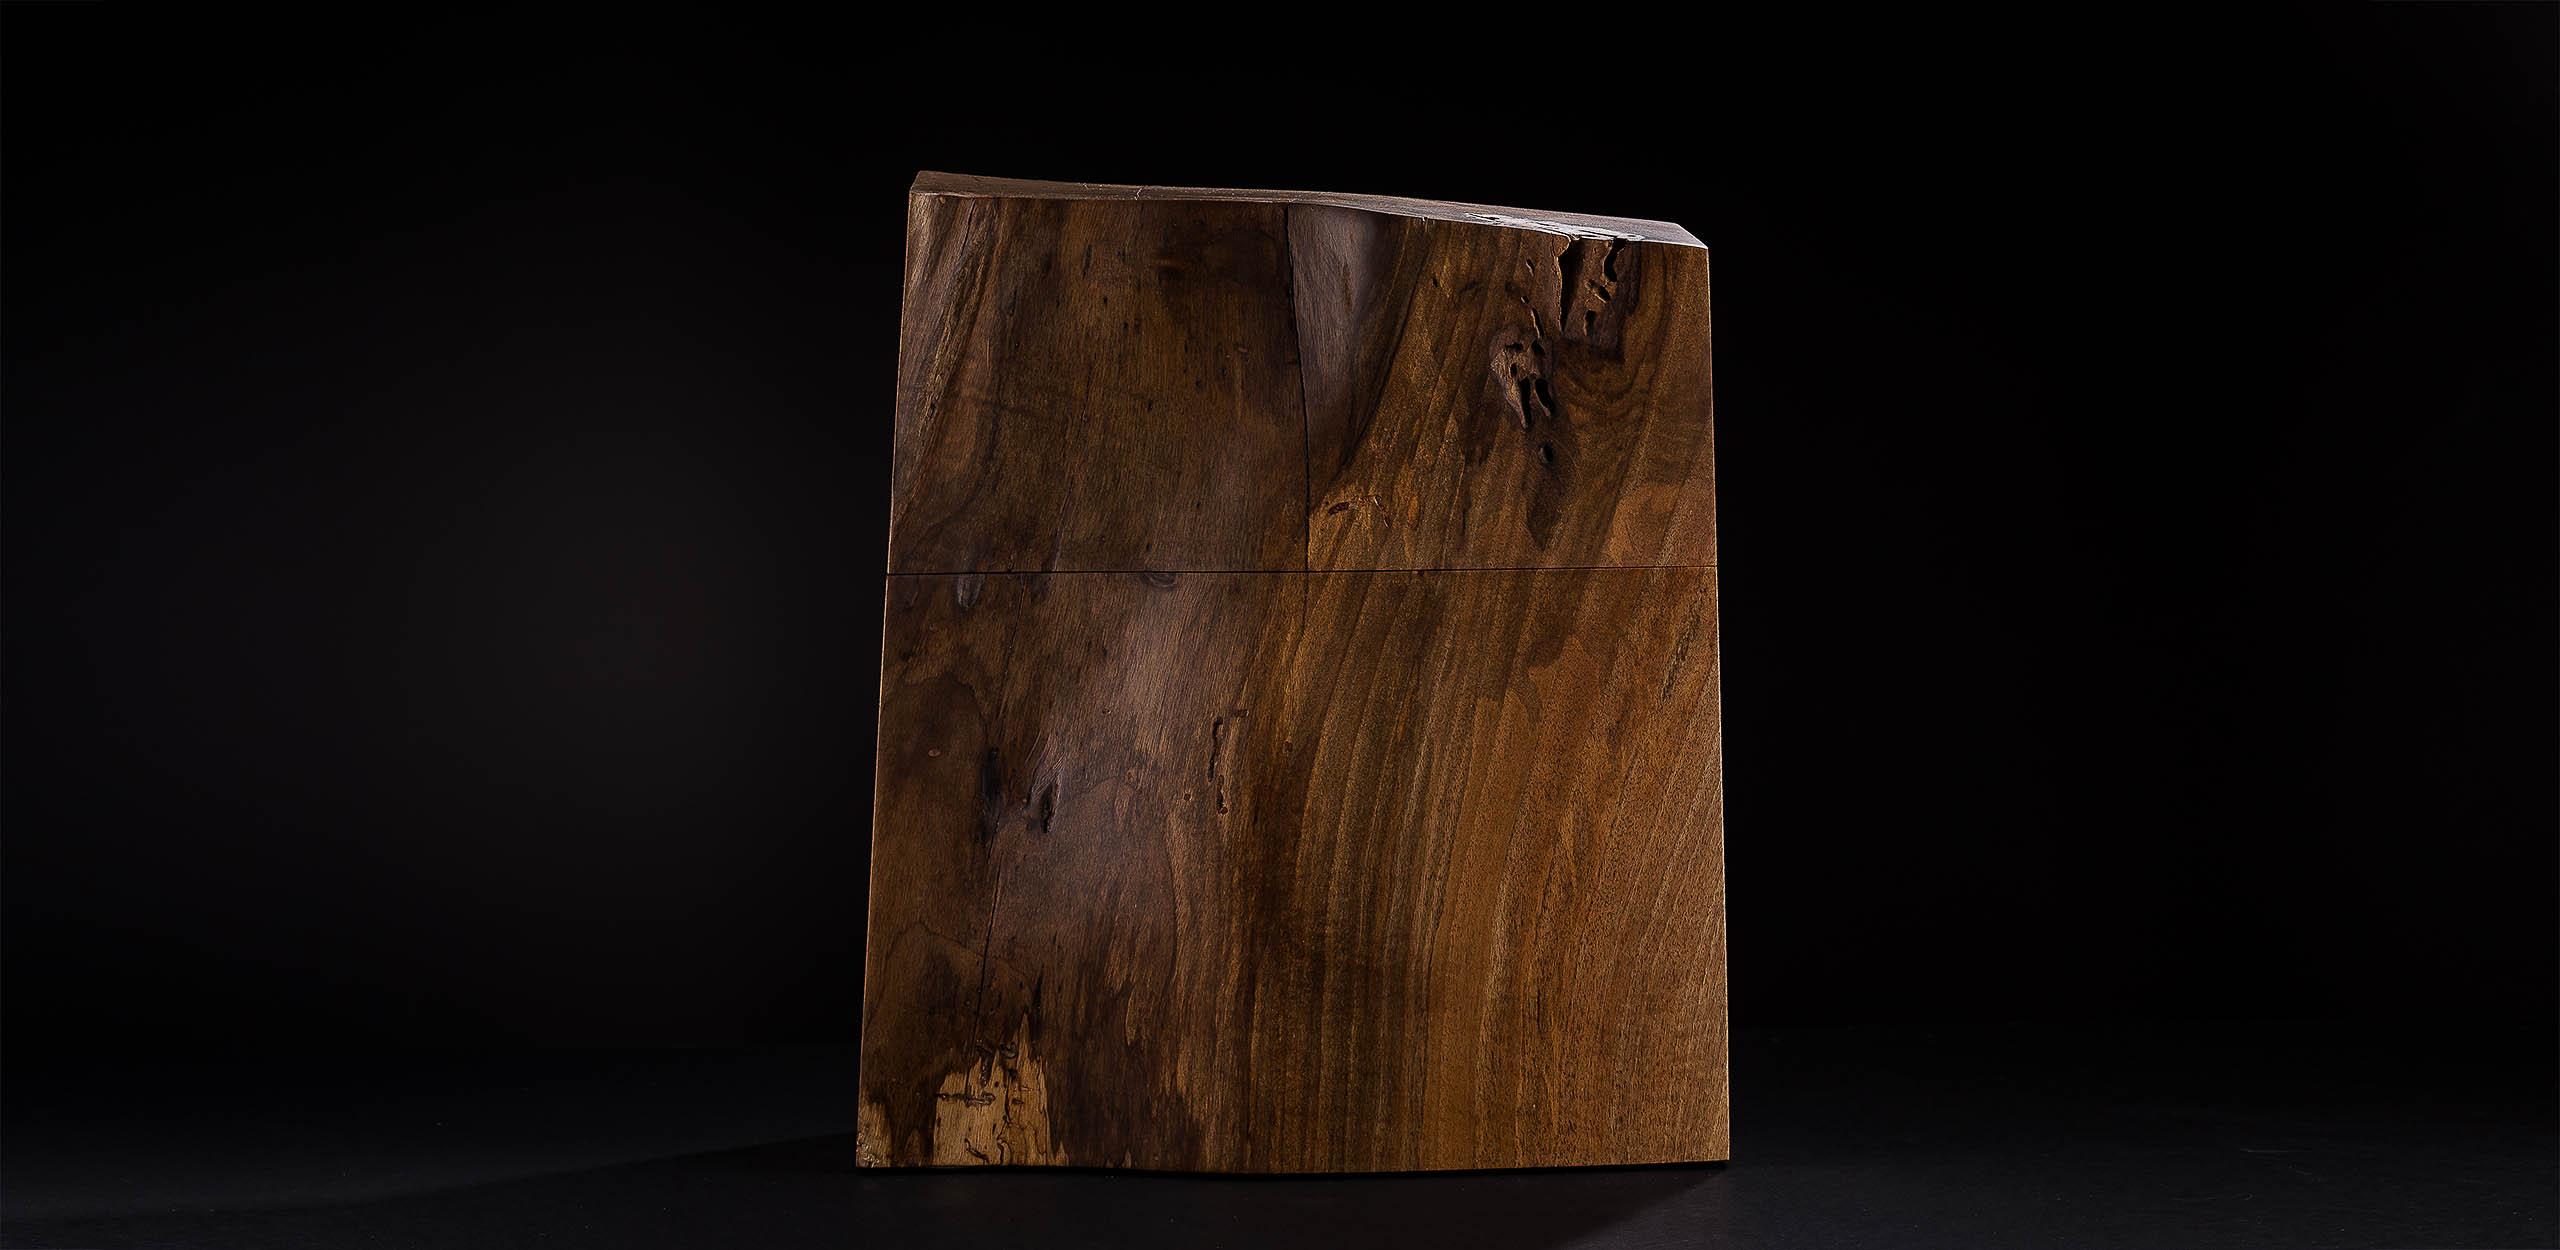 Urnen aus Holz; Walnuss mit einer unglaublichen Lebendigkeit